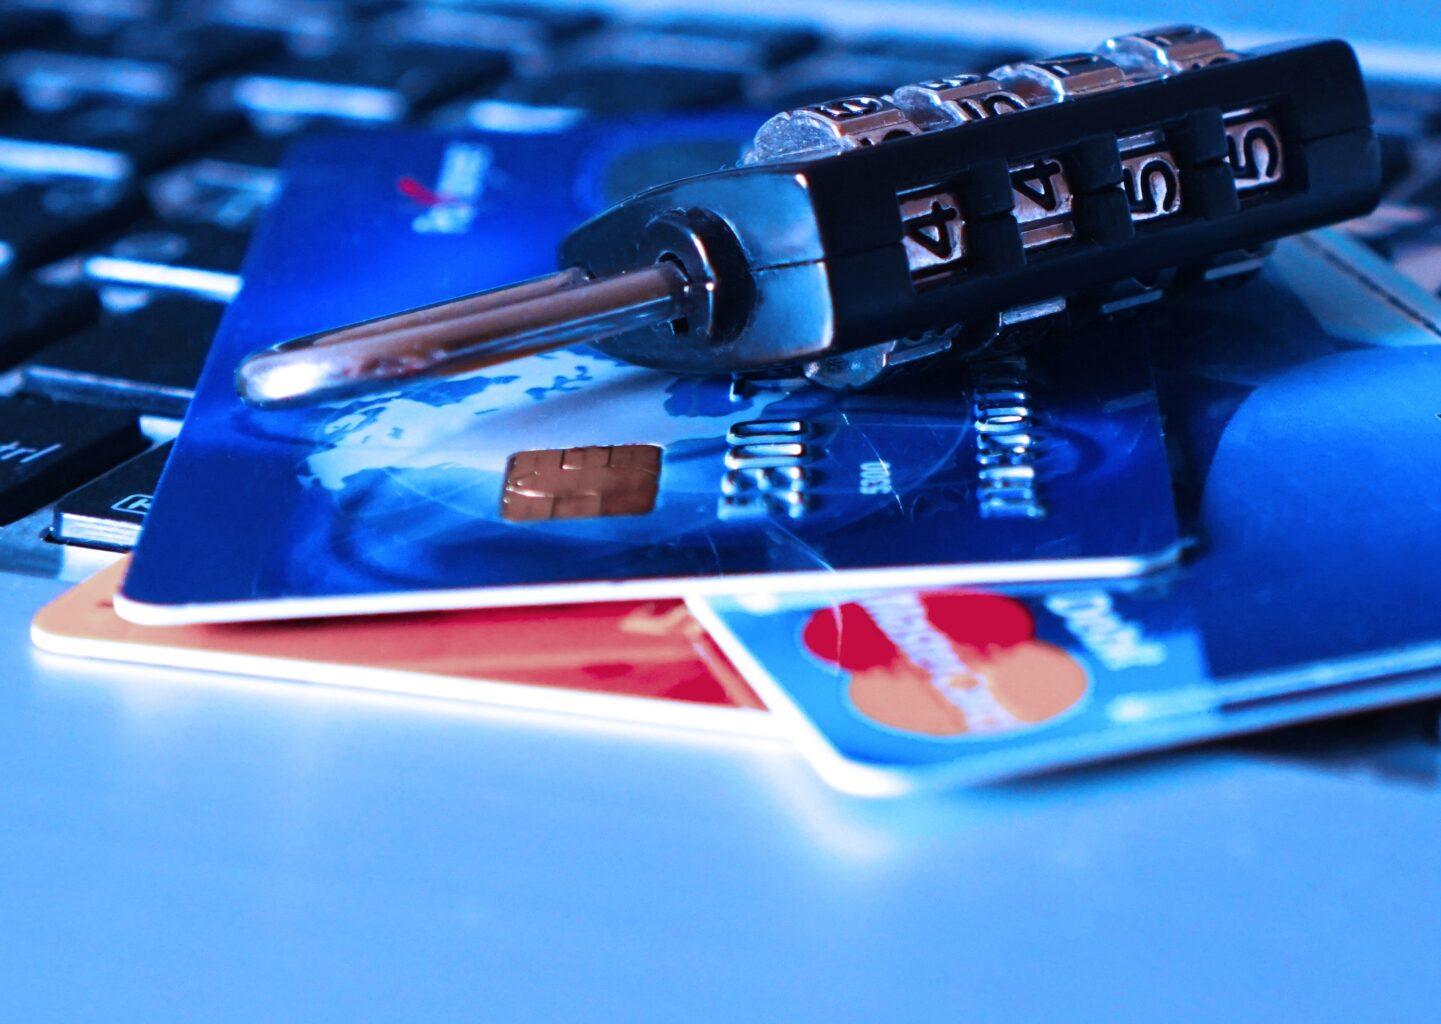 Cartão co-branded: como funciona esse tipo de cartão de crédito?